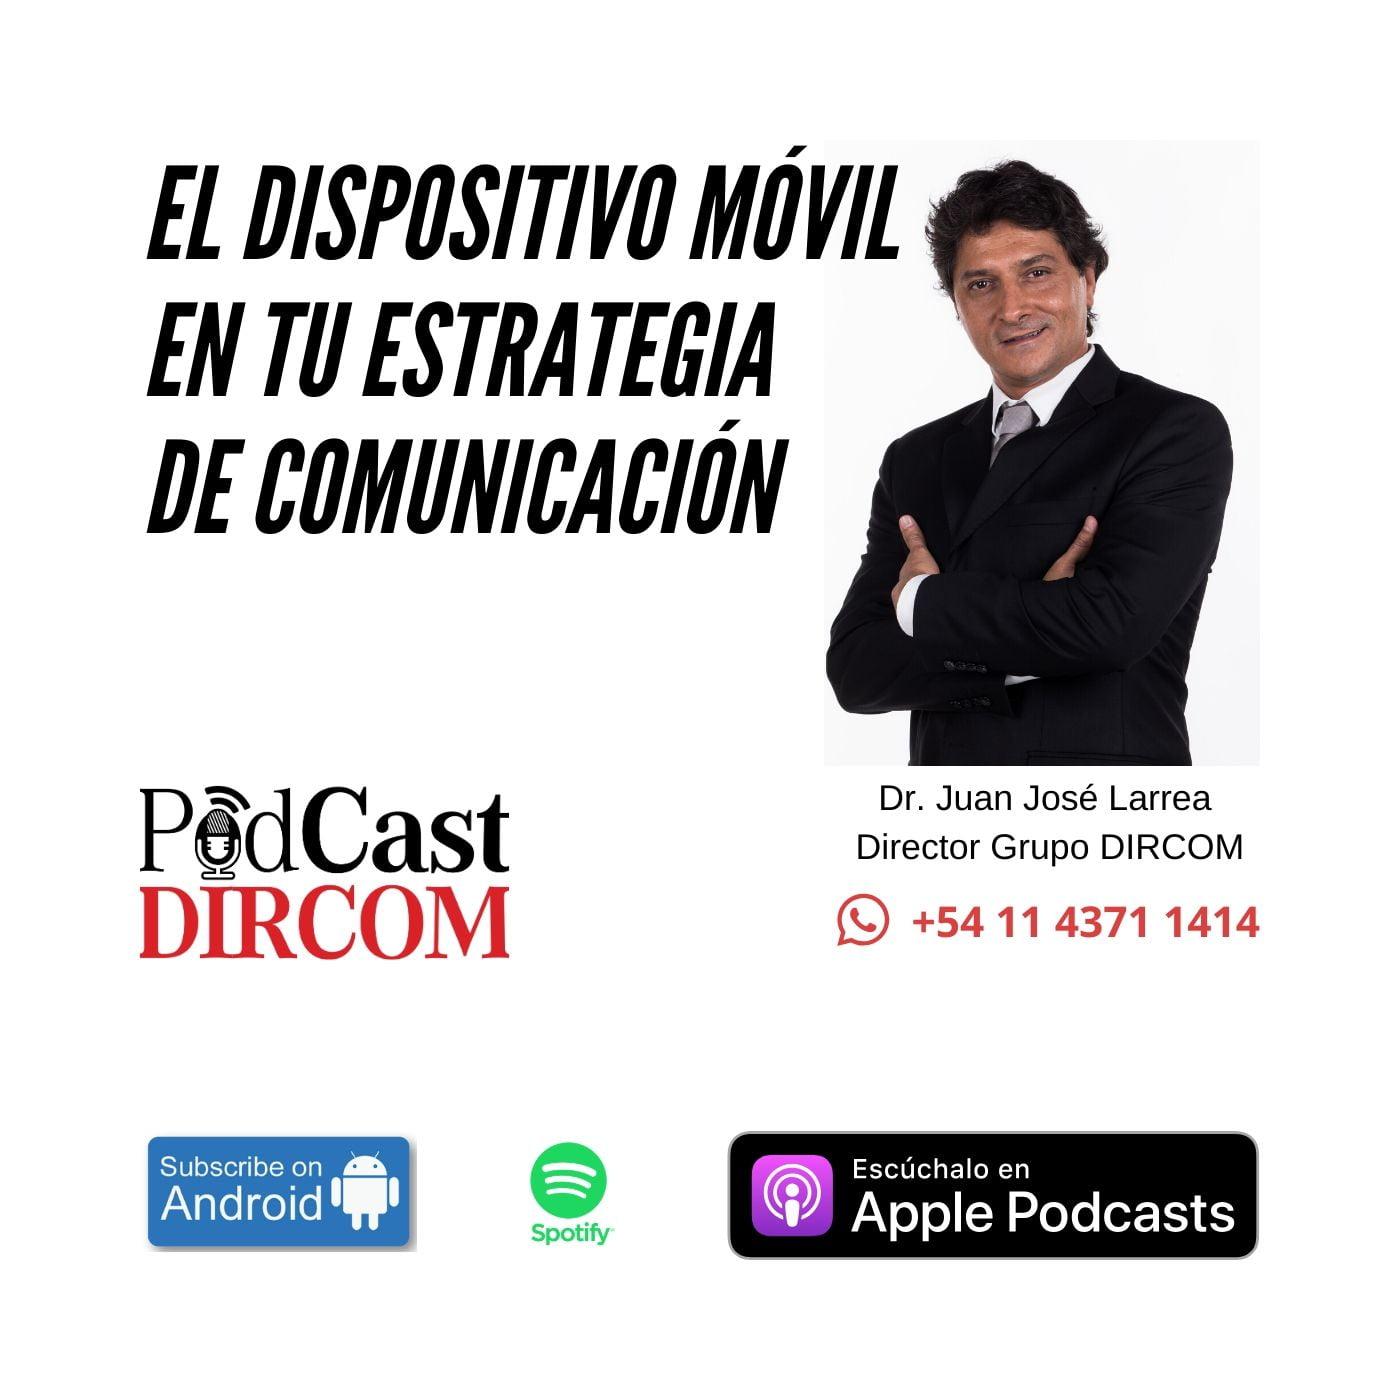 El Dispositivo Móvil en tu estrategia de comunicación